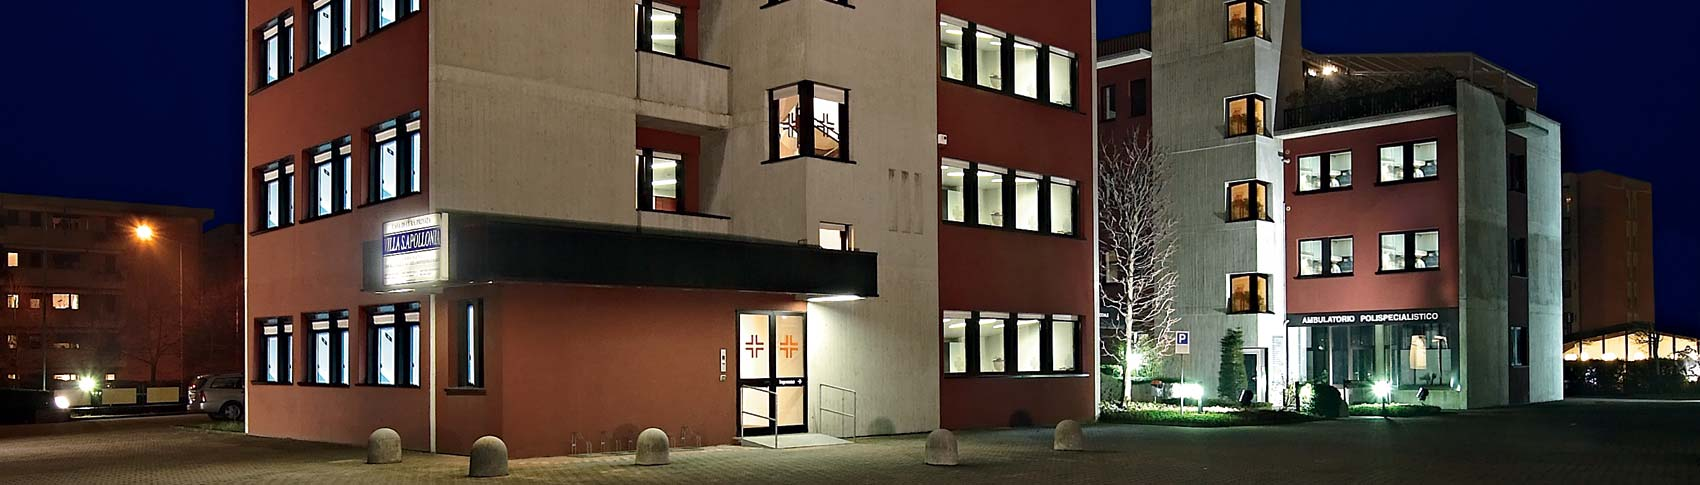 Villa Sant'Apollonia - Clinica Notturna